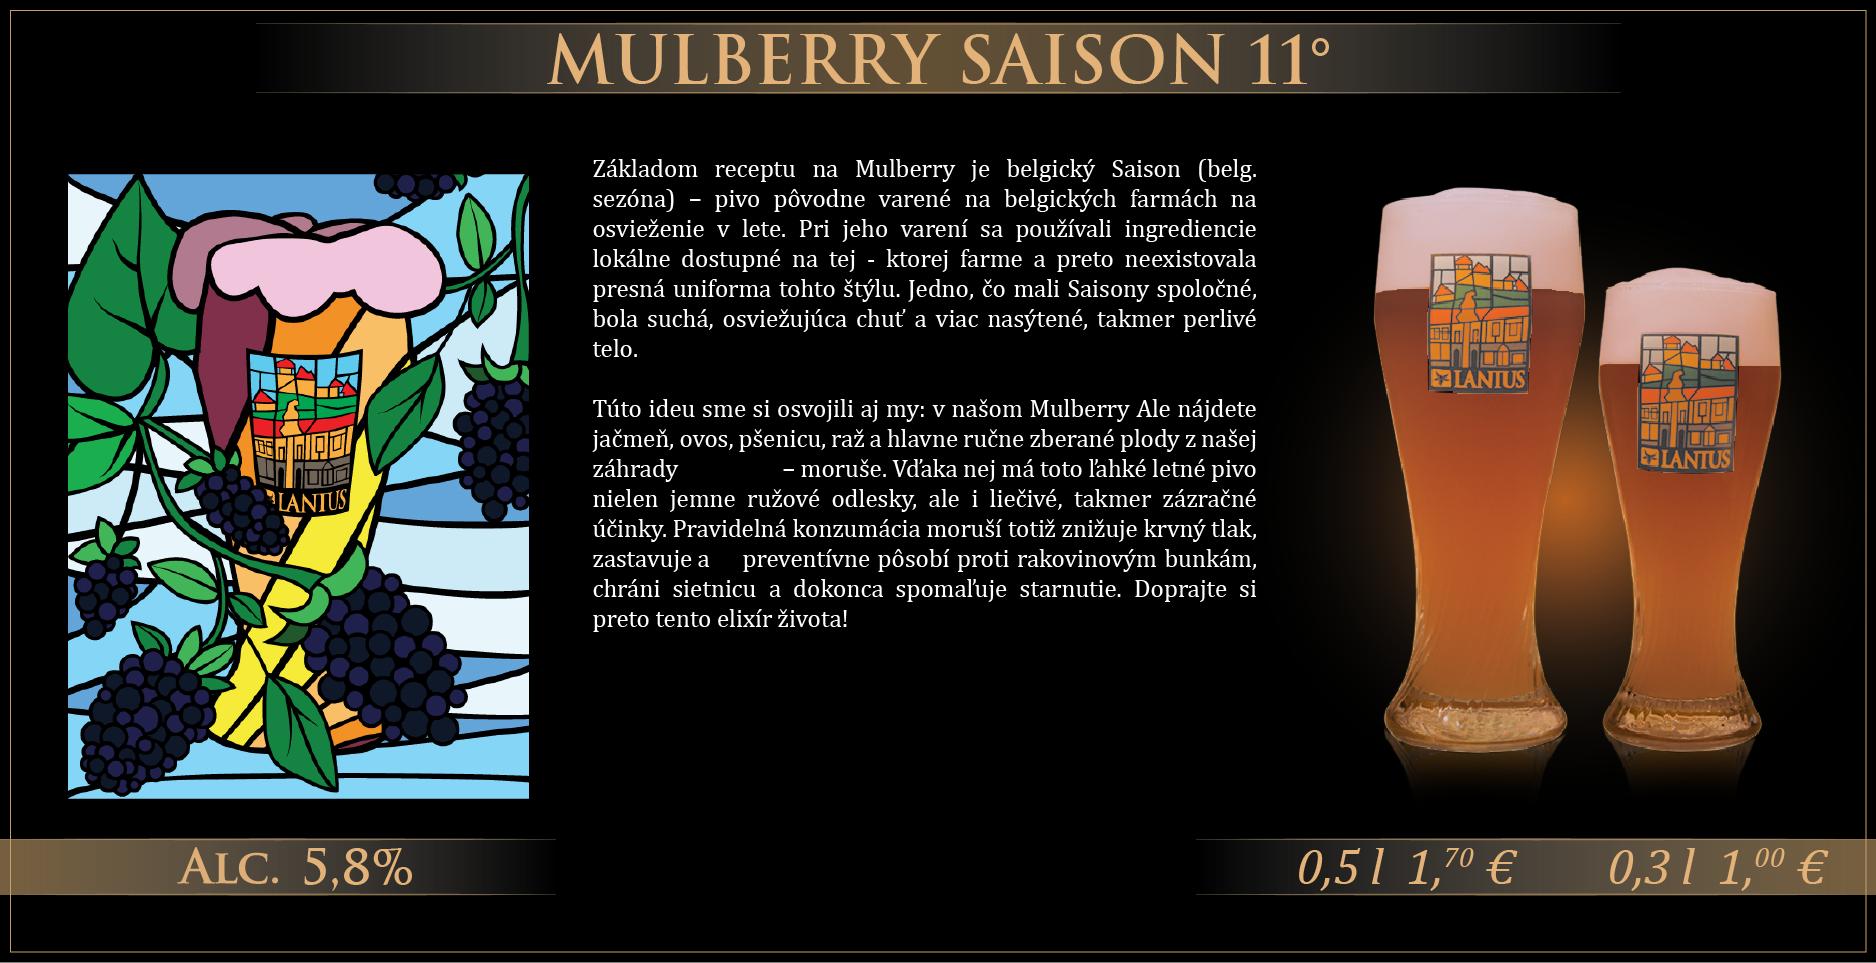 mullbery saison 11 WEB-01-02-02